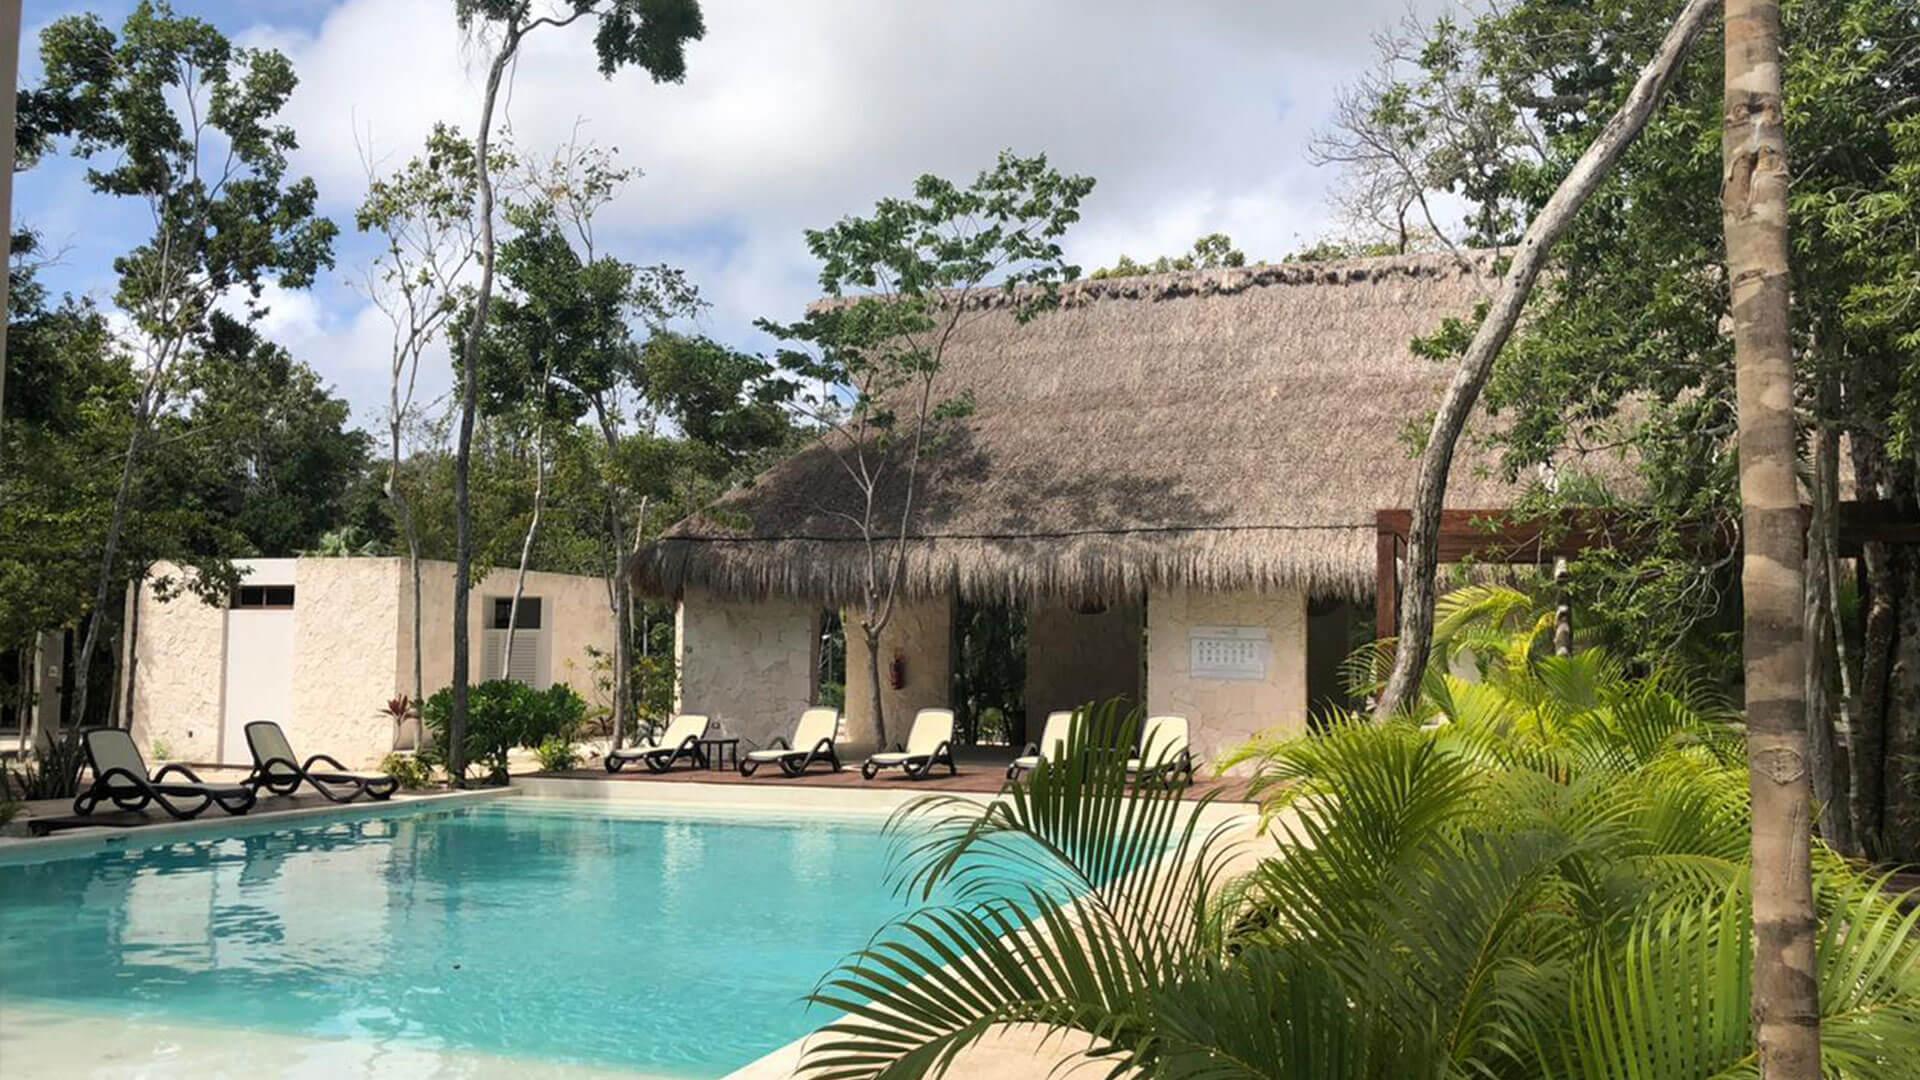 La Privada - Residencial exclusivo en Aldea Zamá